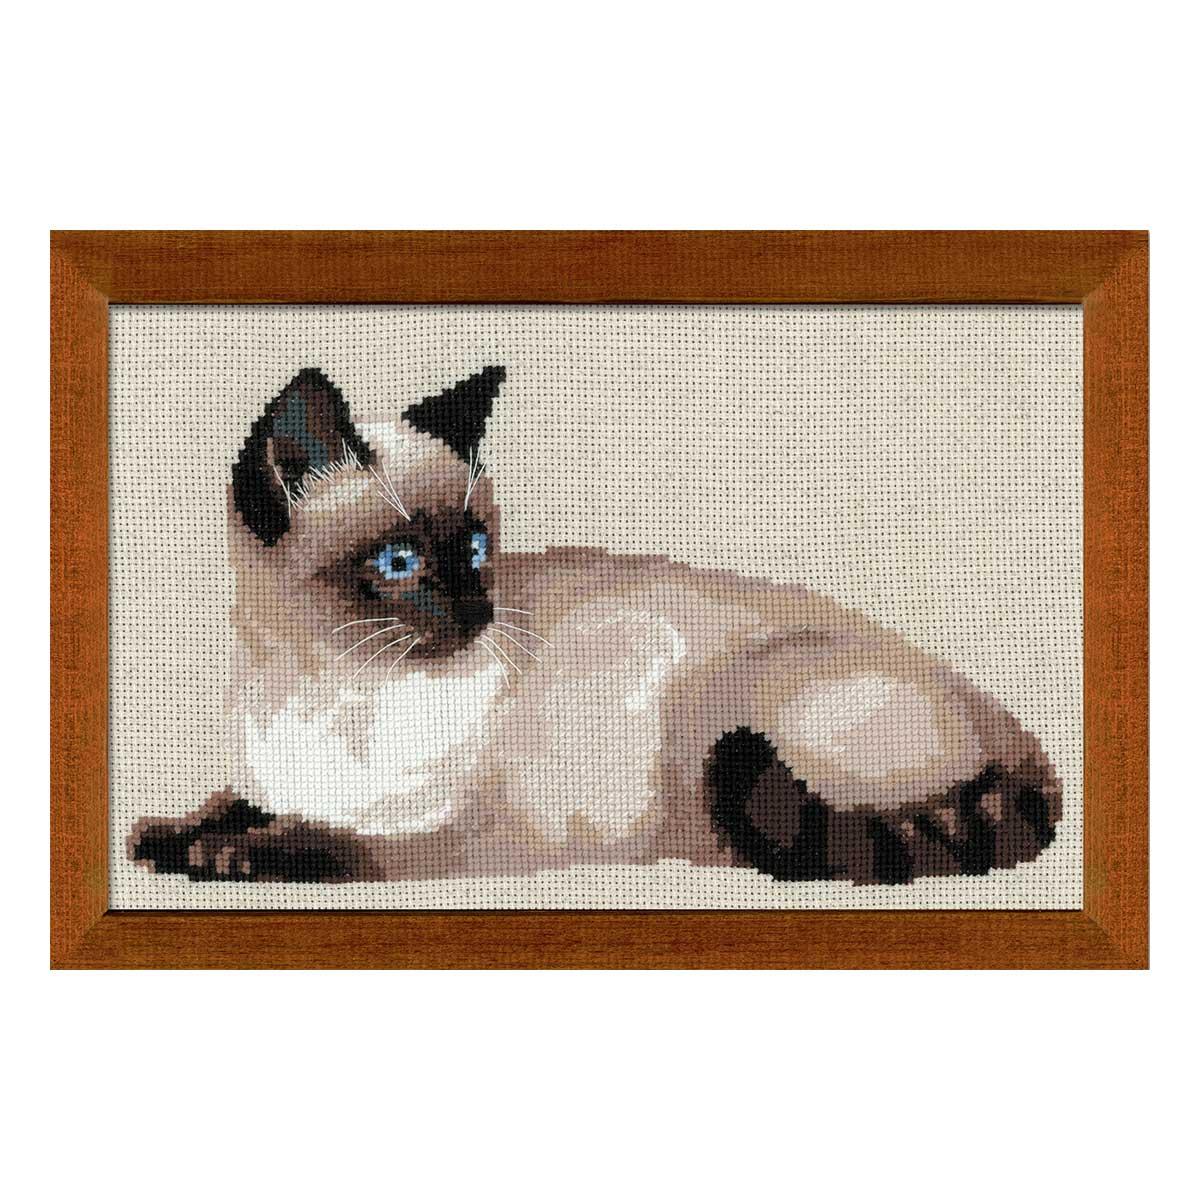 1066 Набор для вышивания Riolis 'Тайская кошка', 38*26 см